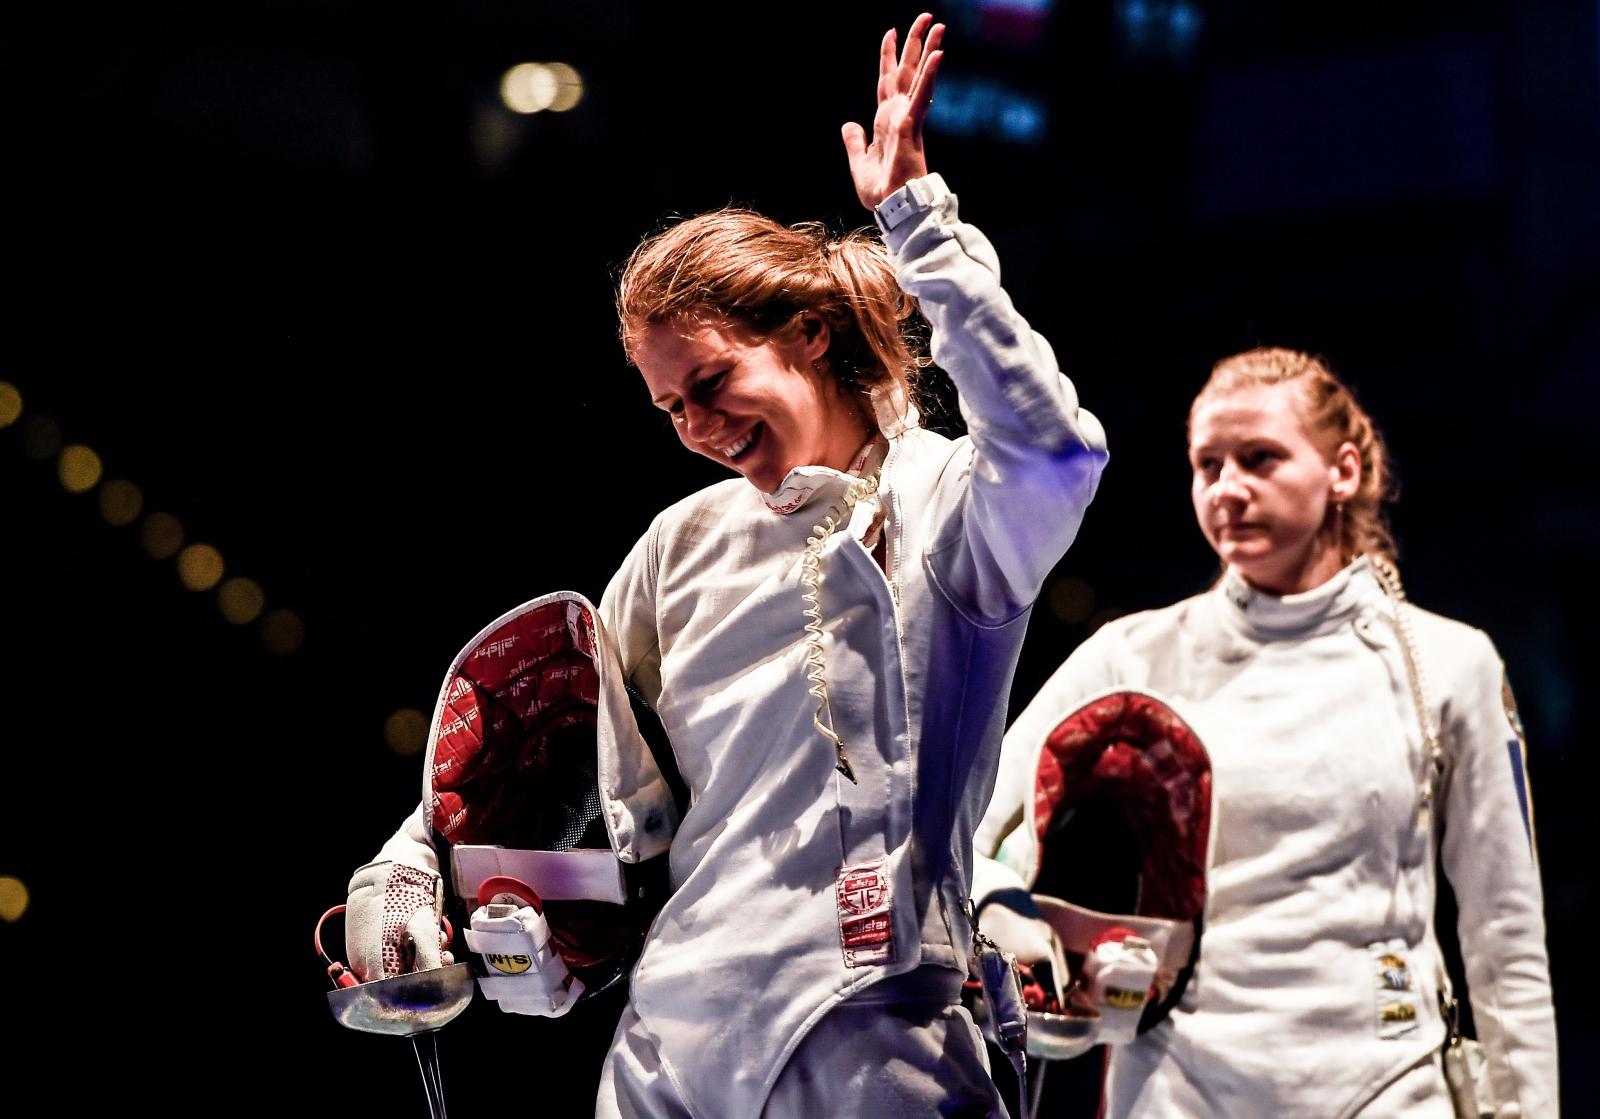 Polka Ewa Nelip świętuje wygraną z Ukrainką, Oleną Kryvystką na mistrzostwach w szermierce, Leipzig, Niemcy